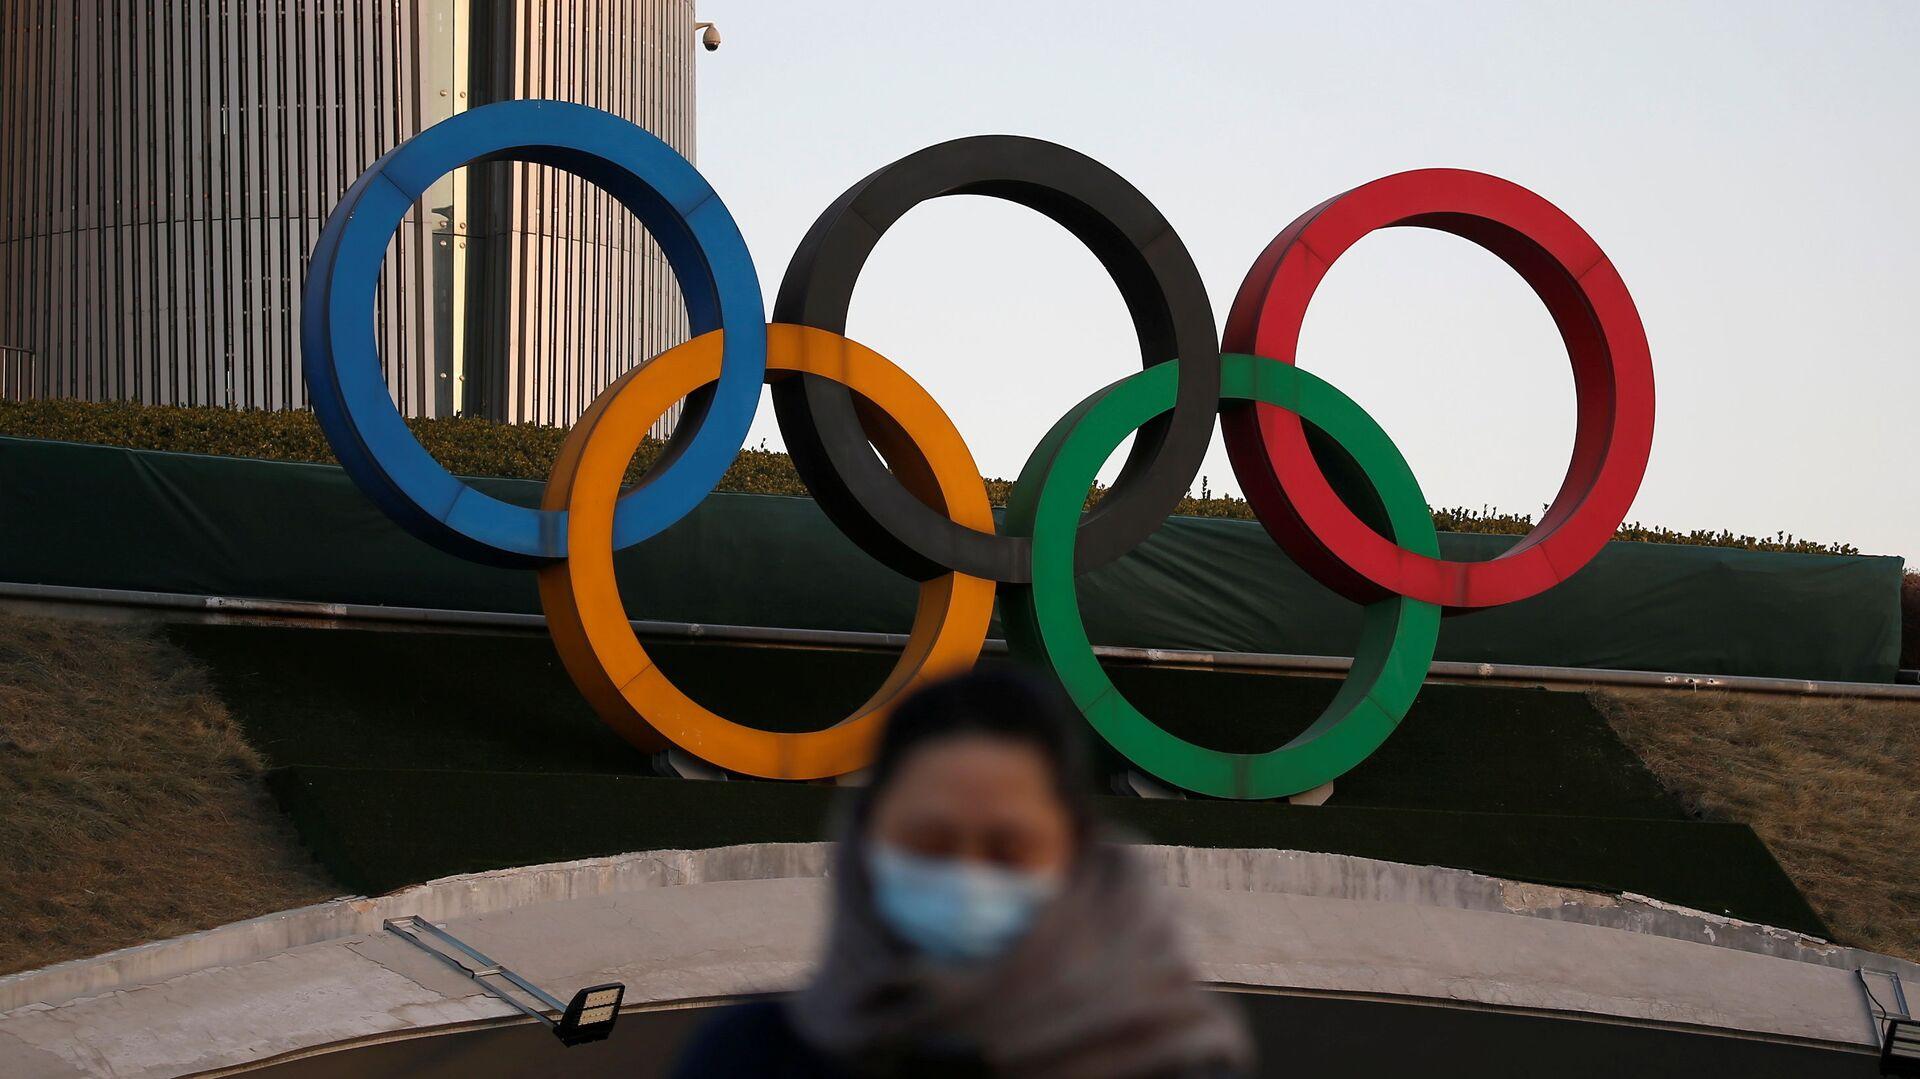 Anillos olímpicos - Sputnik Mundo, 1920, 22.03.2021